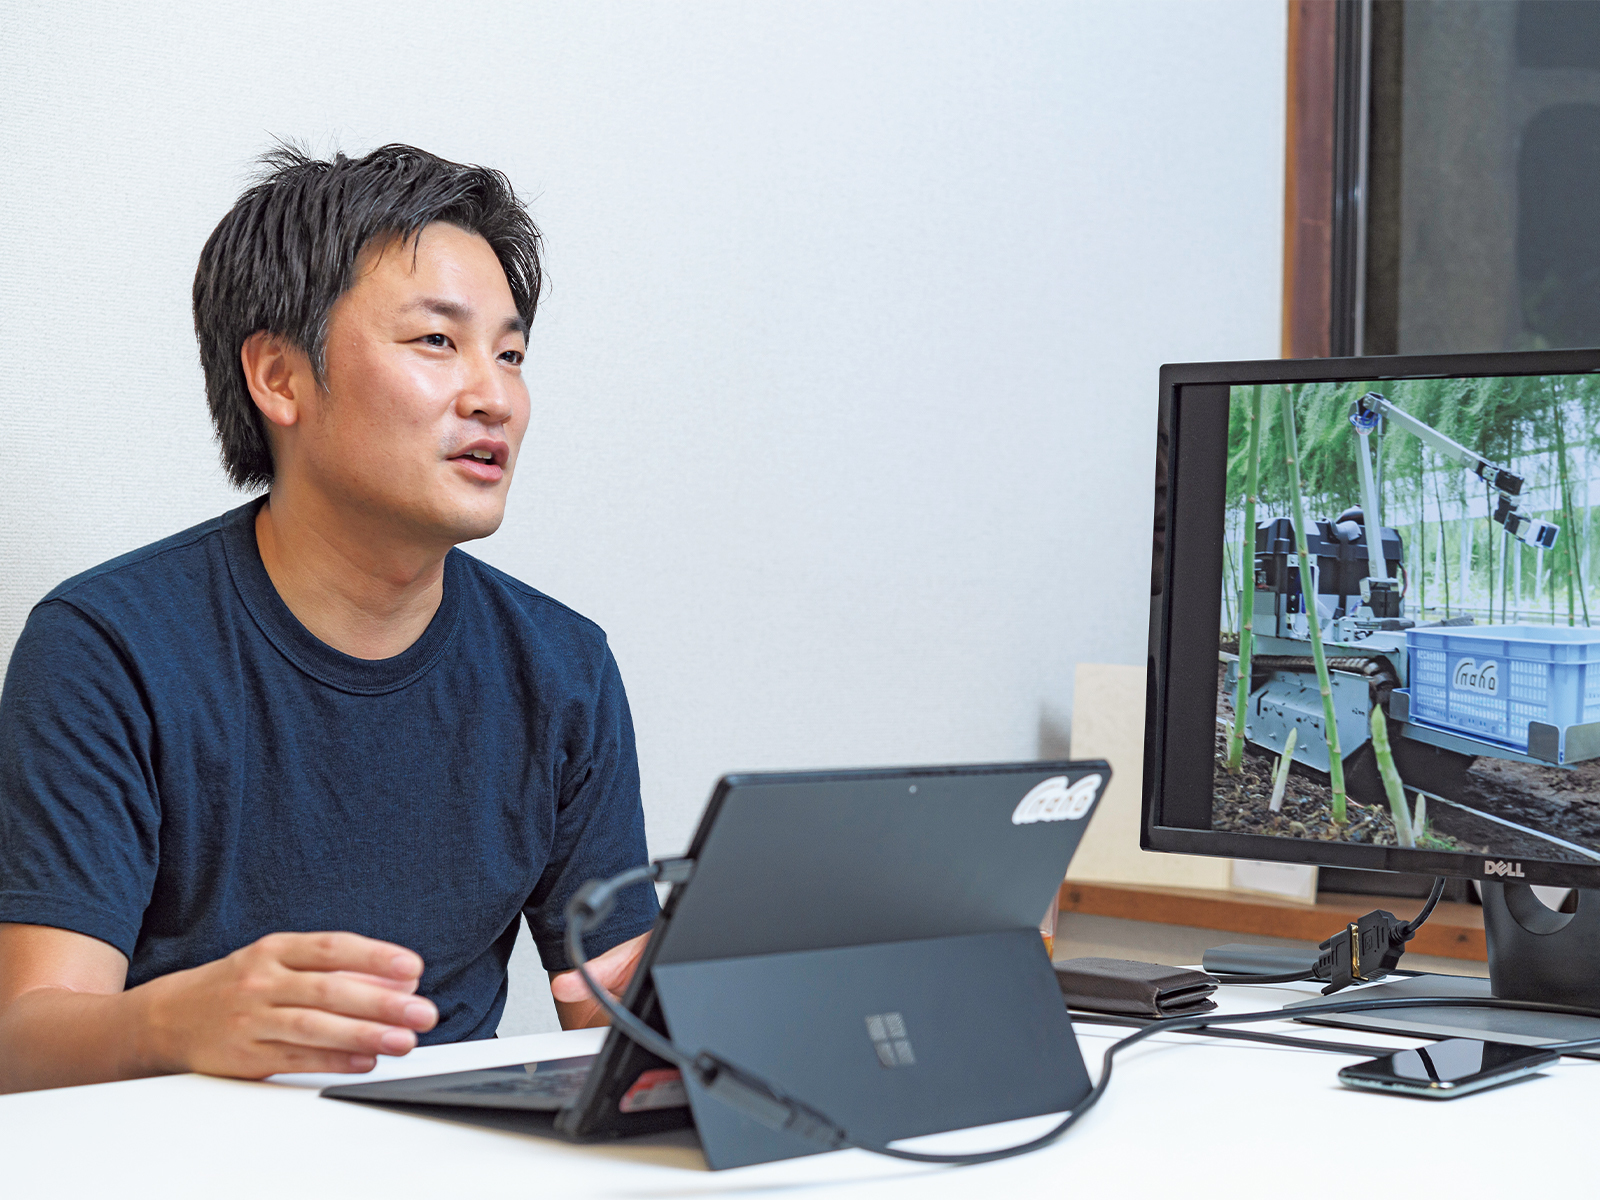 「農業は成長産業です」と語る、『inaho』代表取締役CEO・菱木豊さん。